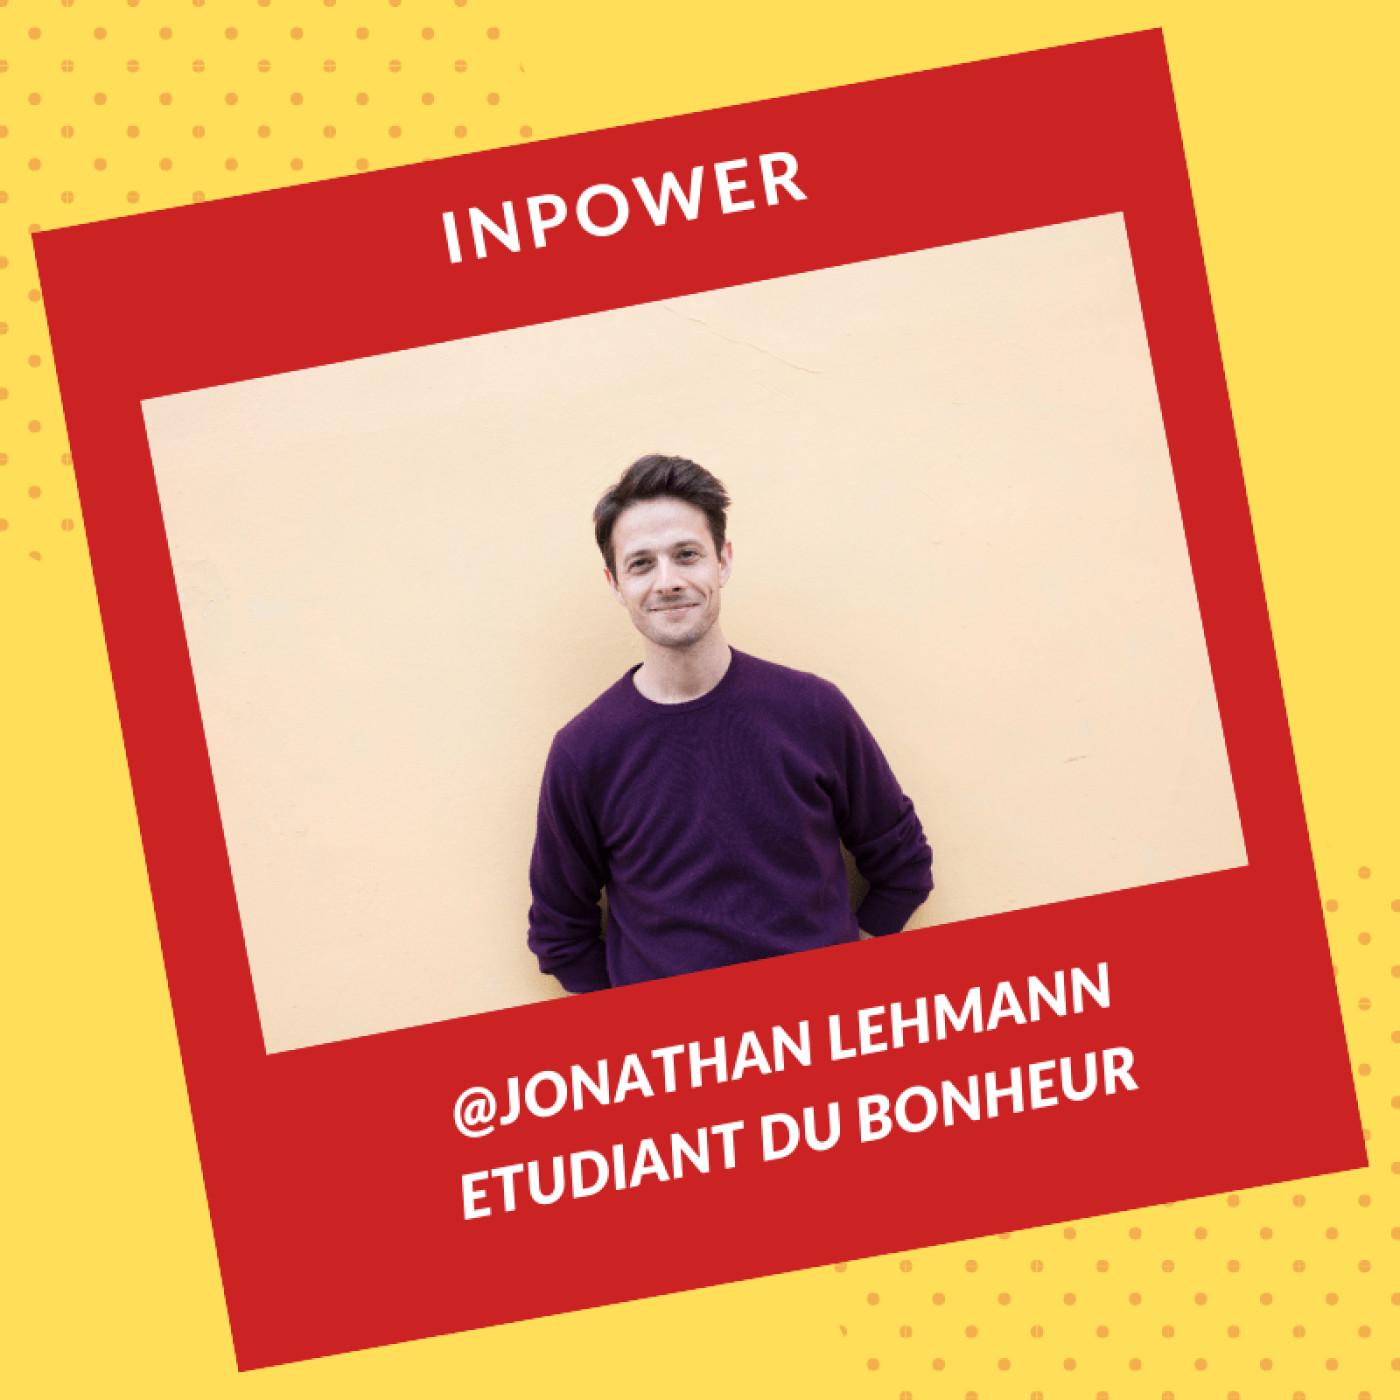 Jonathan Lehmann (partie 2) - Etudiant du bonheur